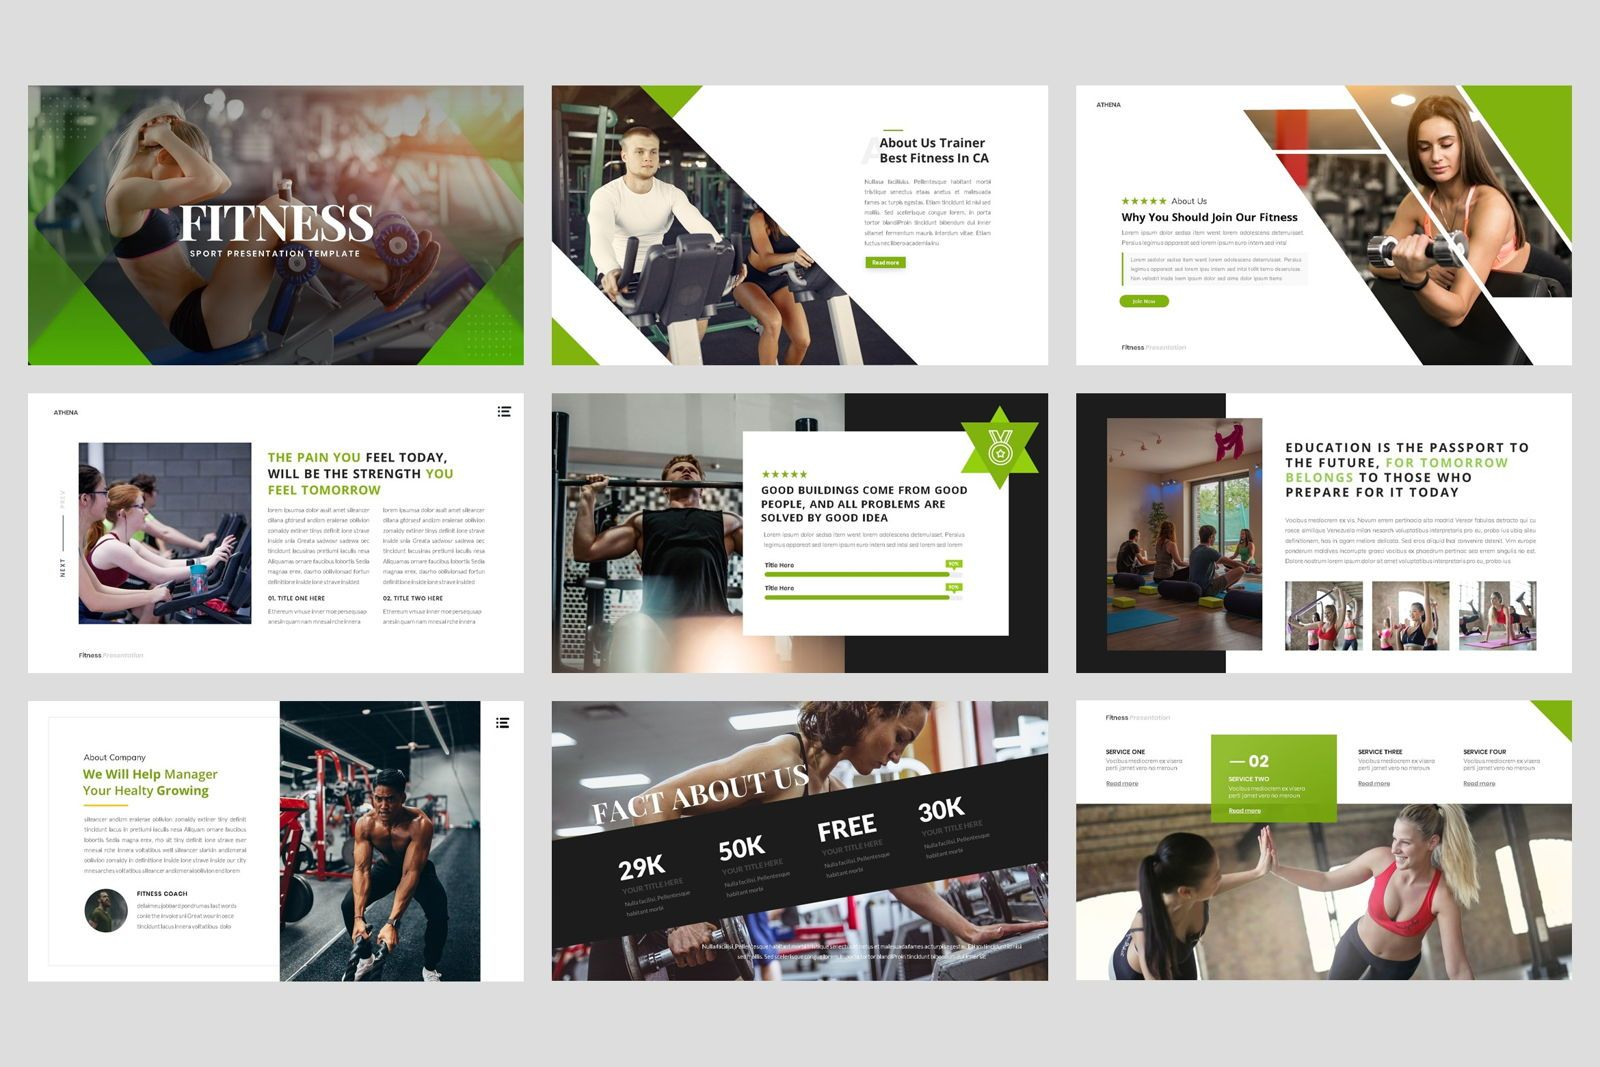 Sport - Fitness Business Workout PowerPoint Template, Slide 2, 08607, Presentation Templates — PoweredTemplate.com